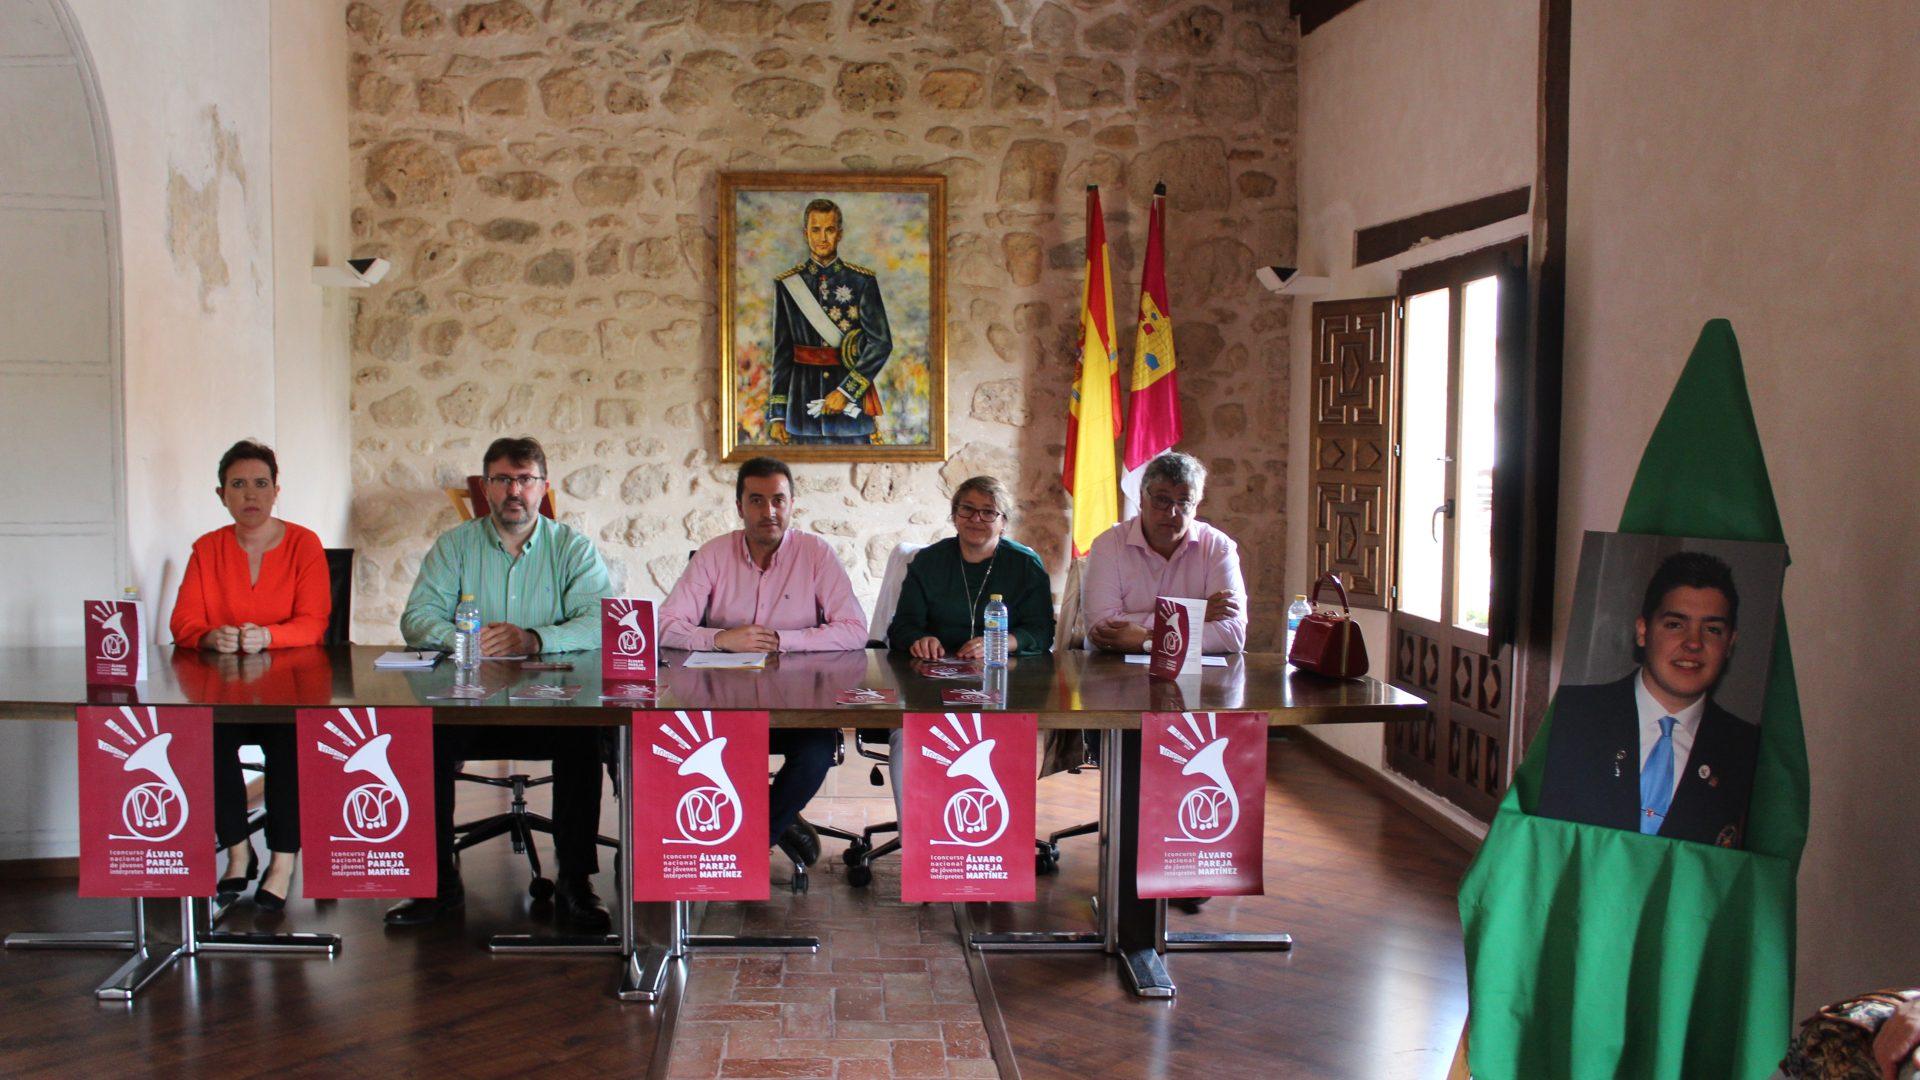 INIESTA CONVOCA EL I CONCURSO NACIONAL DE JÓVENES INTÉRPRETES ´ÁLVARO PAREJA MARTÍNEZ'